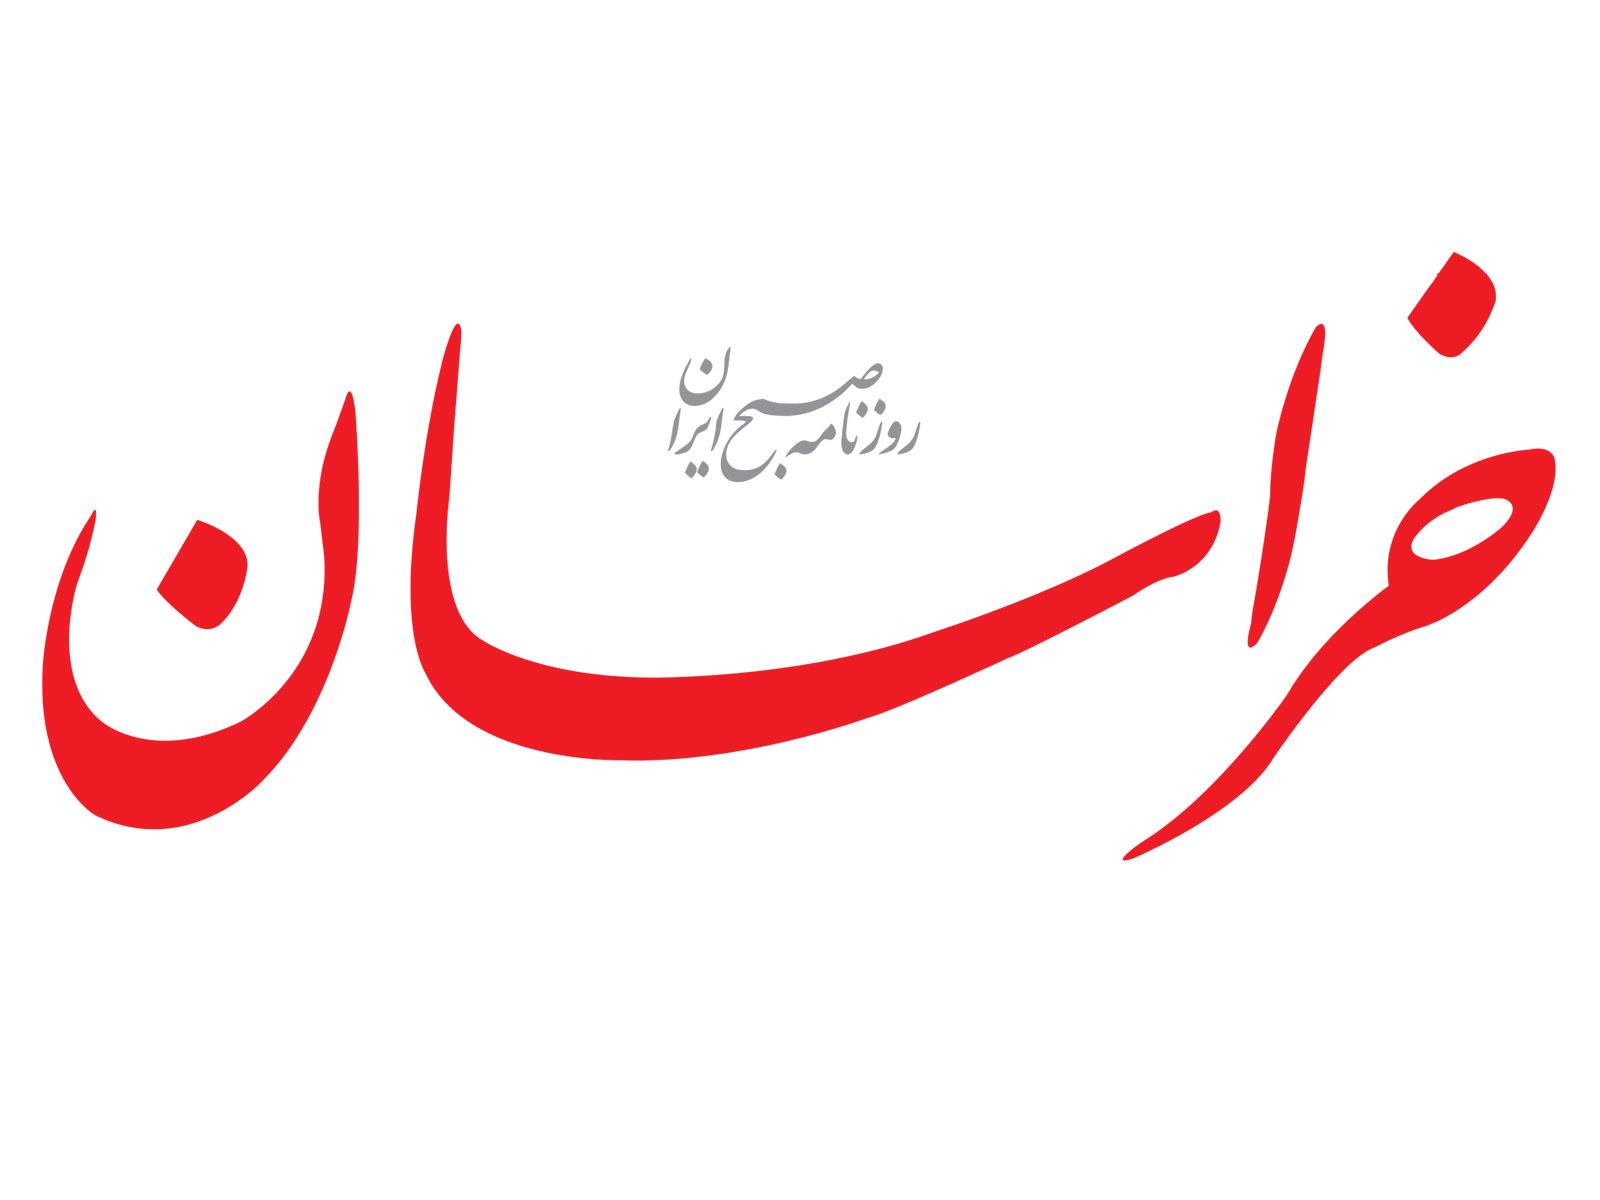 سرمقاله خراسان/ معرفی کابینه نامزدها و رقابت پرشور